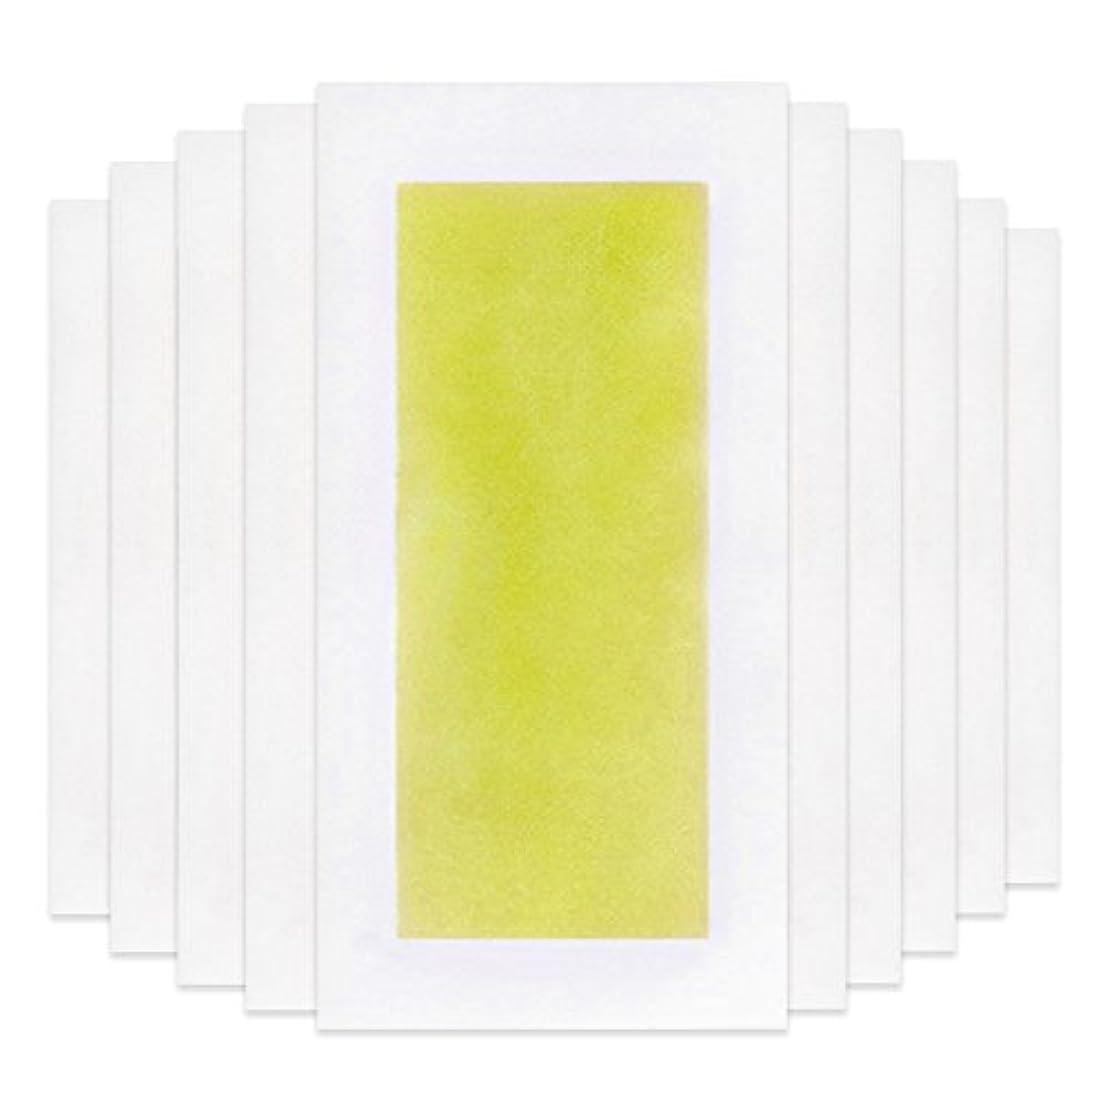 学部クリスチャン信頼できるRabugoo 脚の身体の顔のための10個のプロフェッショナルな夏の脱毛ダブルサイドコールドワックスストリップ紙 Yellow